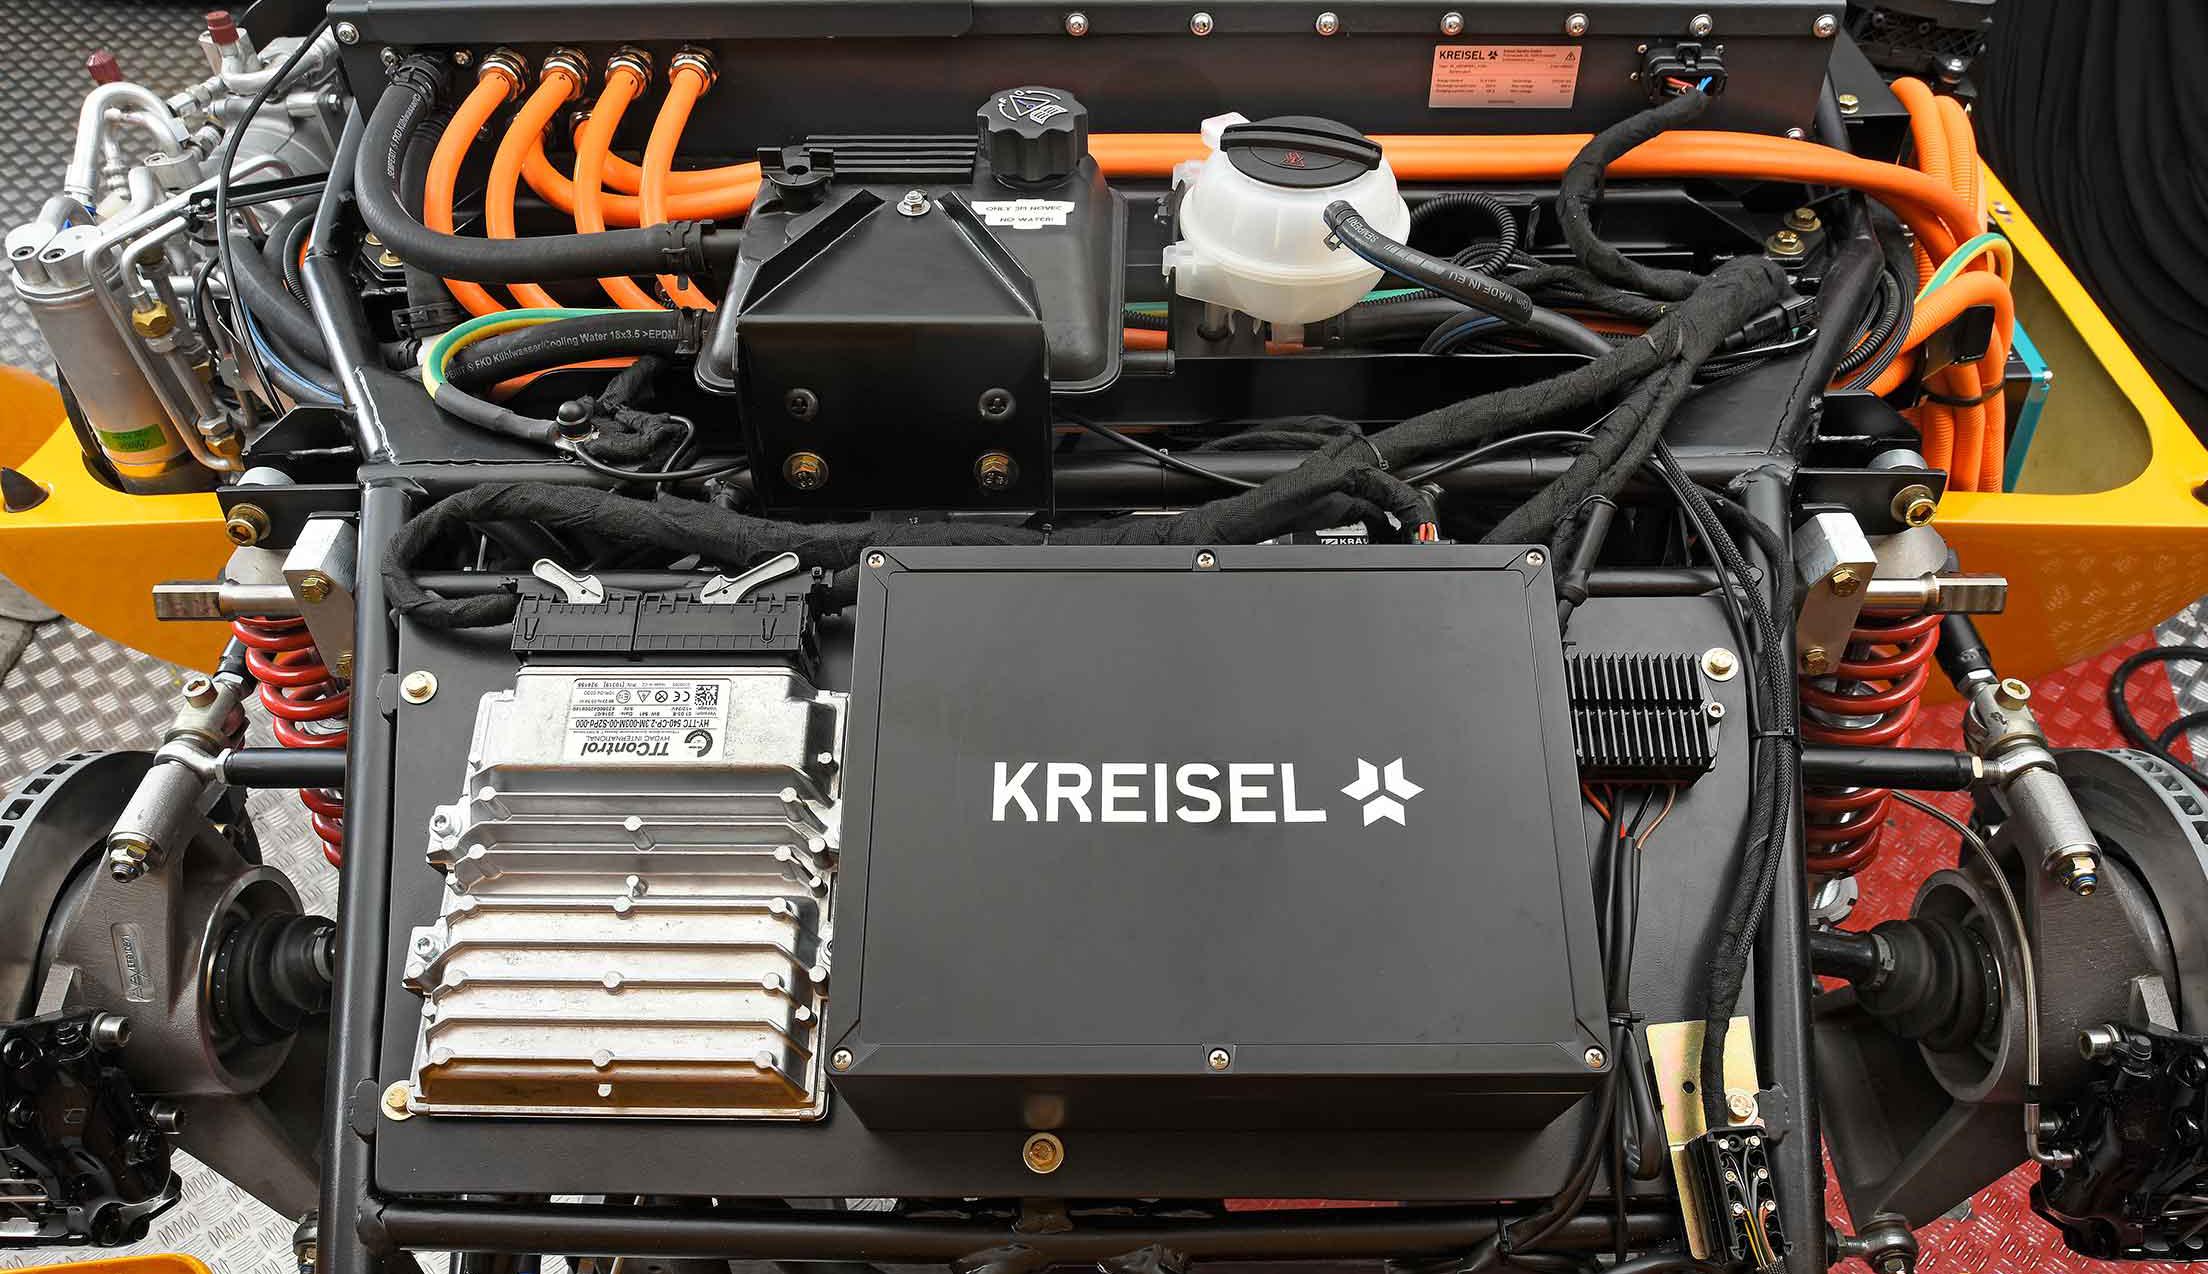 kreisel-evex-910e-kreisel-technik.jpg